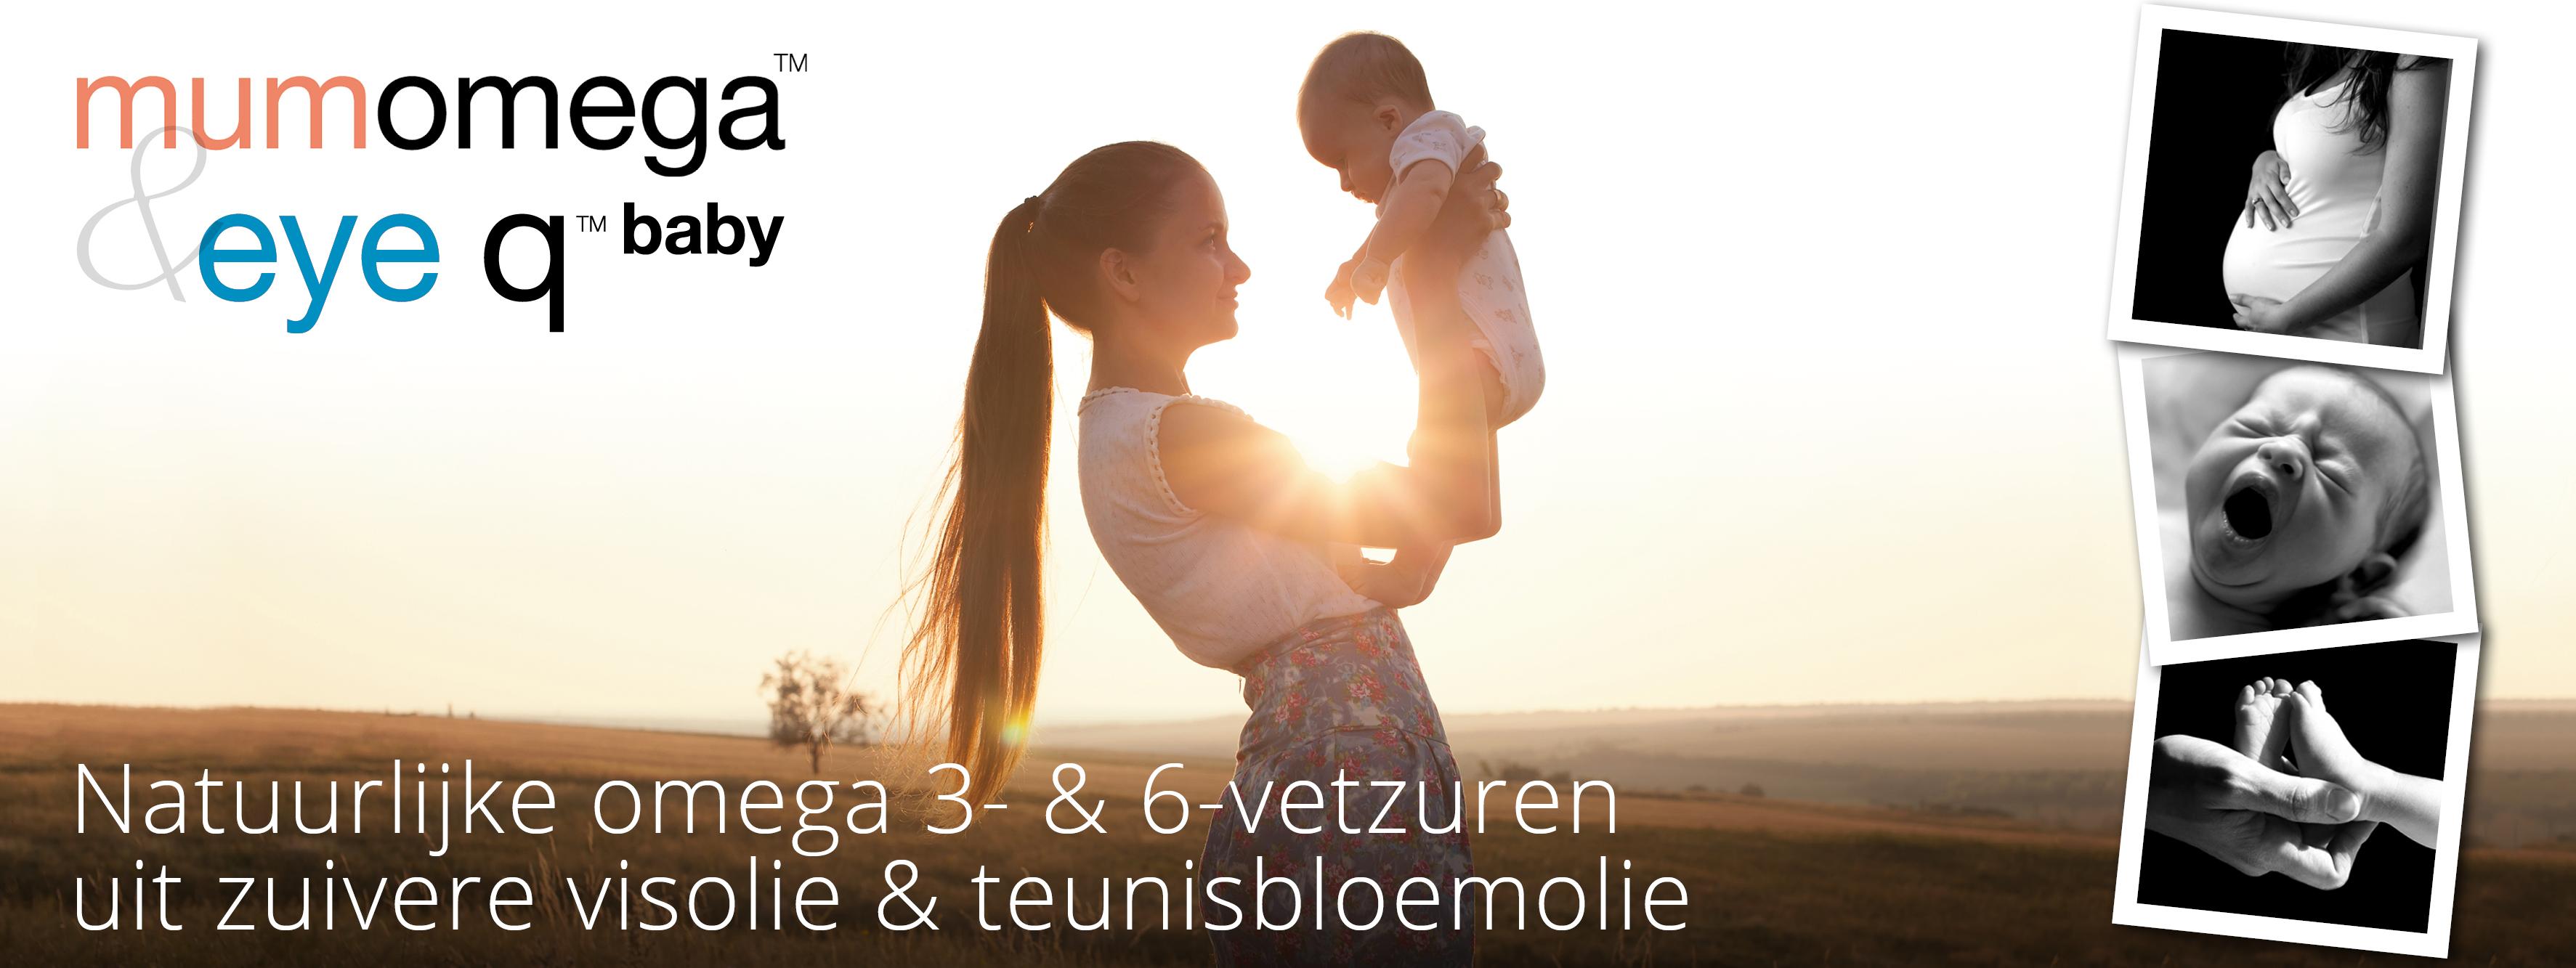 Eye Q baby en MumOmega - Natuurlijke omega 3- en 6-vetzuren uit zuivere visolie en teunisbloemolie